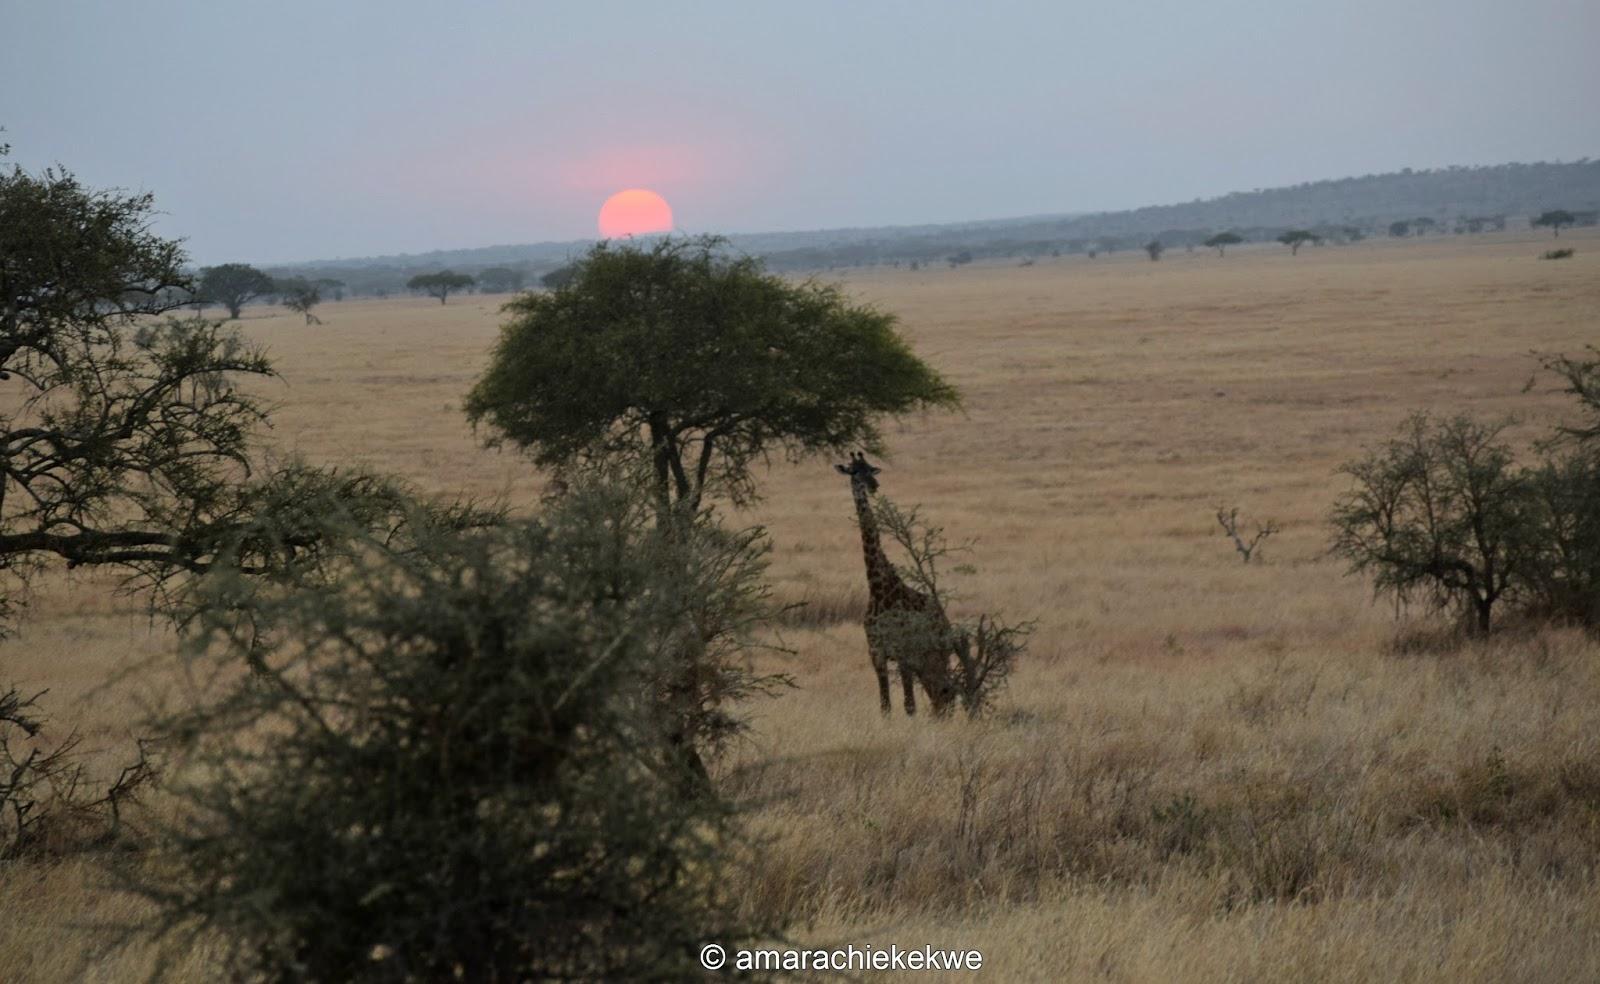 https://i2.wp.com/2.bp.blogspot.com/-kd8-eqZFC5Q/WGlWZ5OR2FI/AAAAAAAAXpY/LDjhqpxNsJsJCsyMK5717ytVLXIYoRVtACLcB/s1600/giraffe.jpg?resize=750%2C461&ssl=1